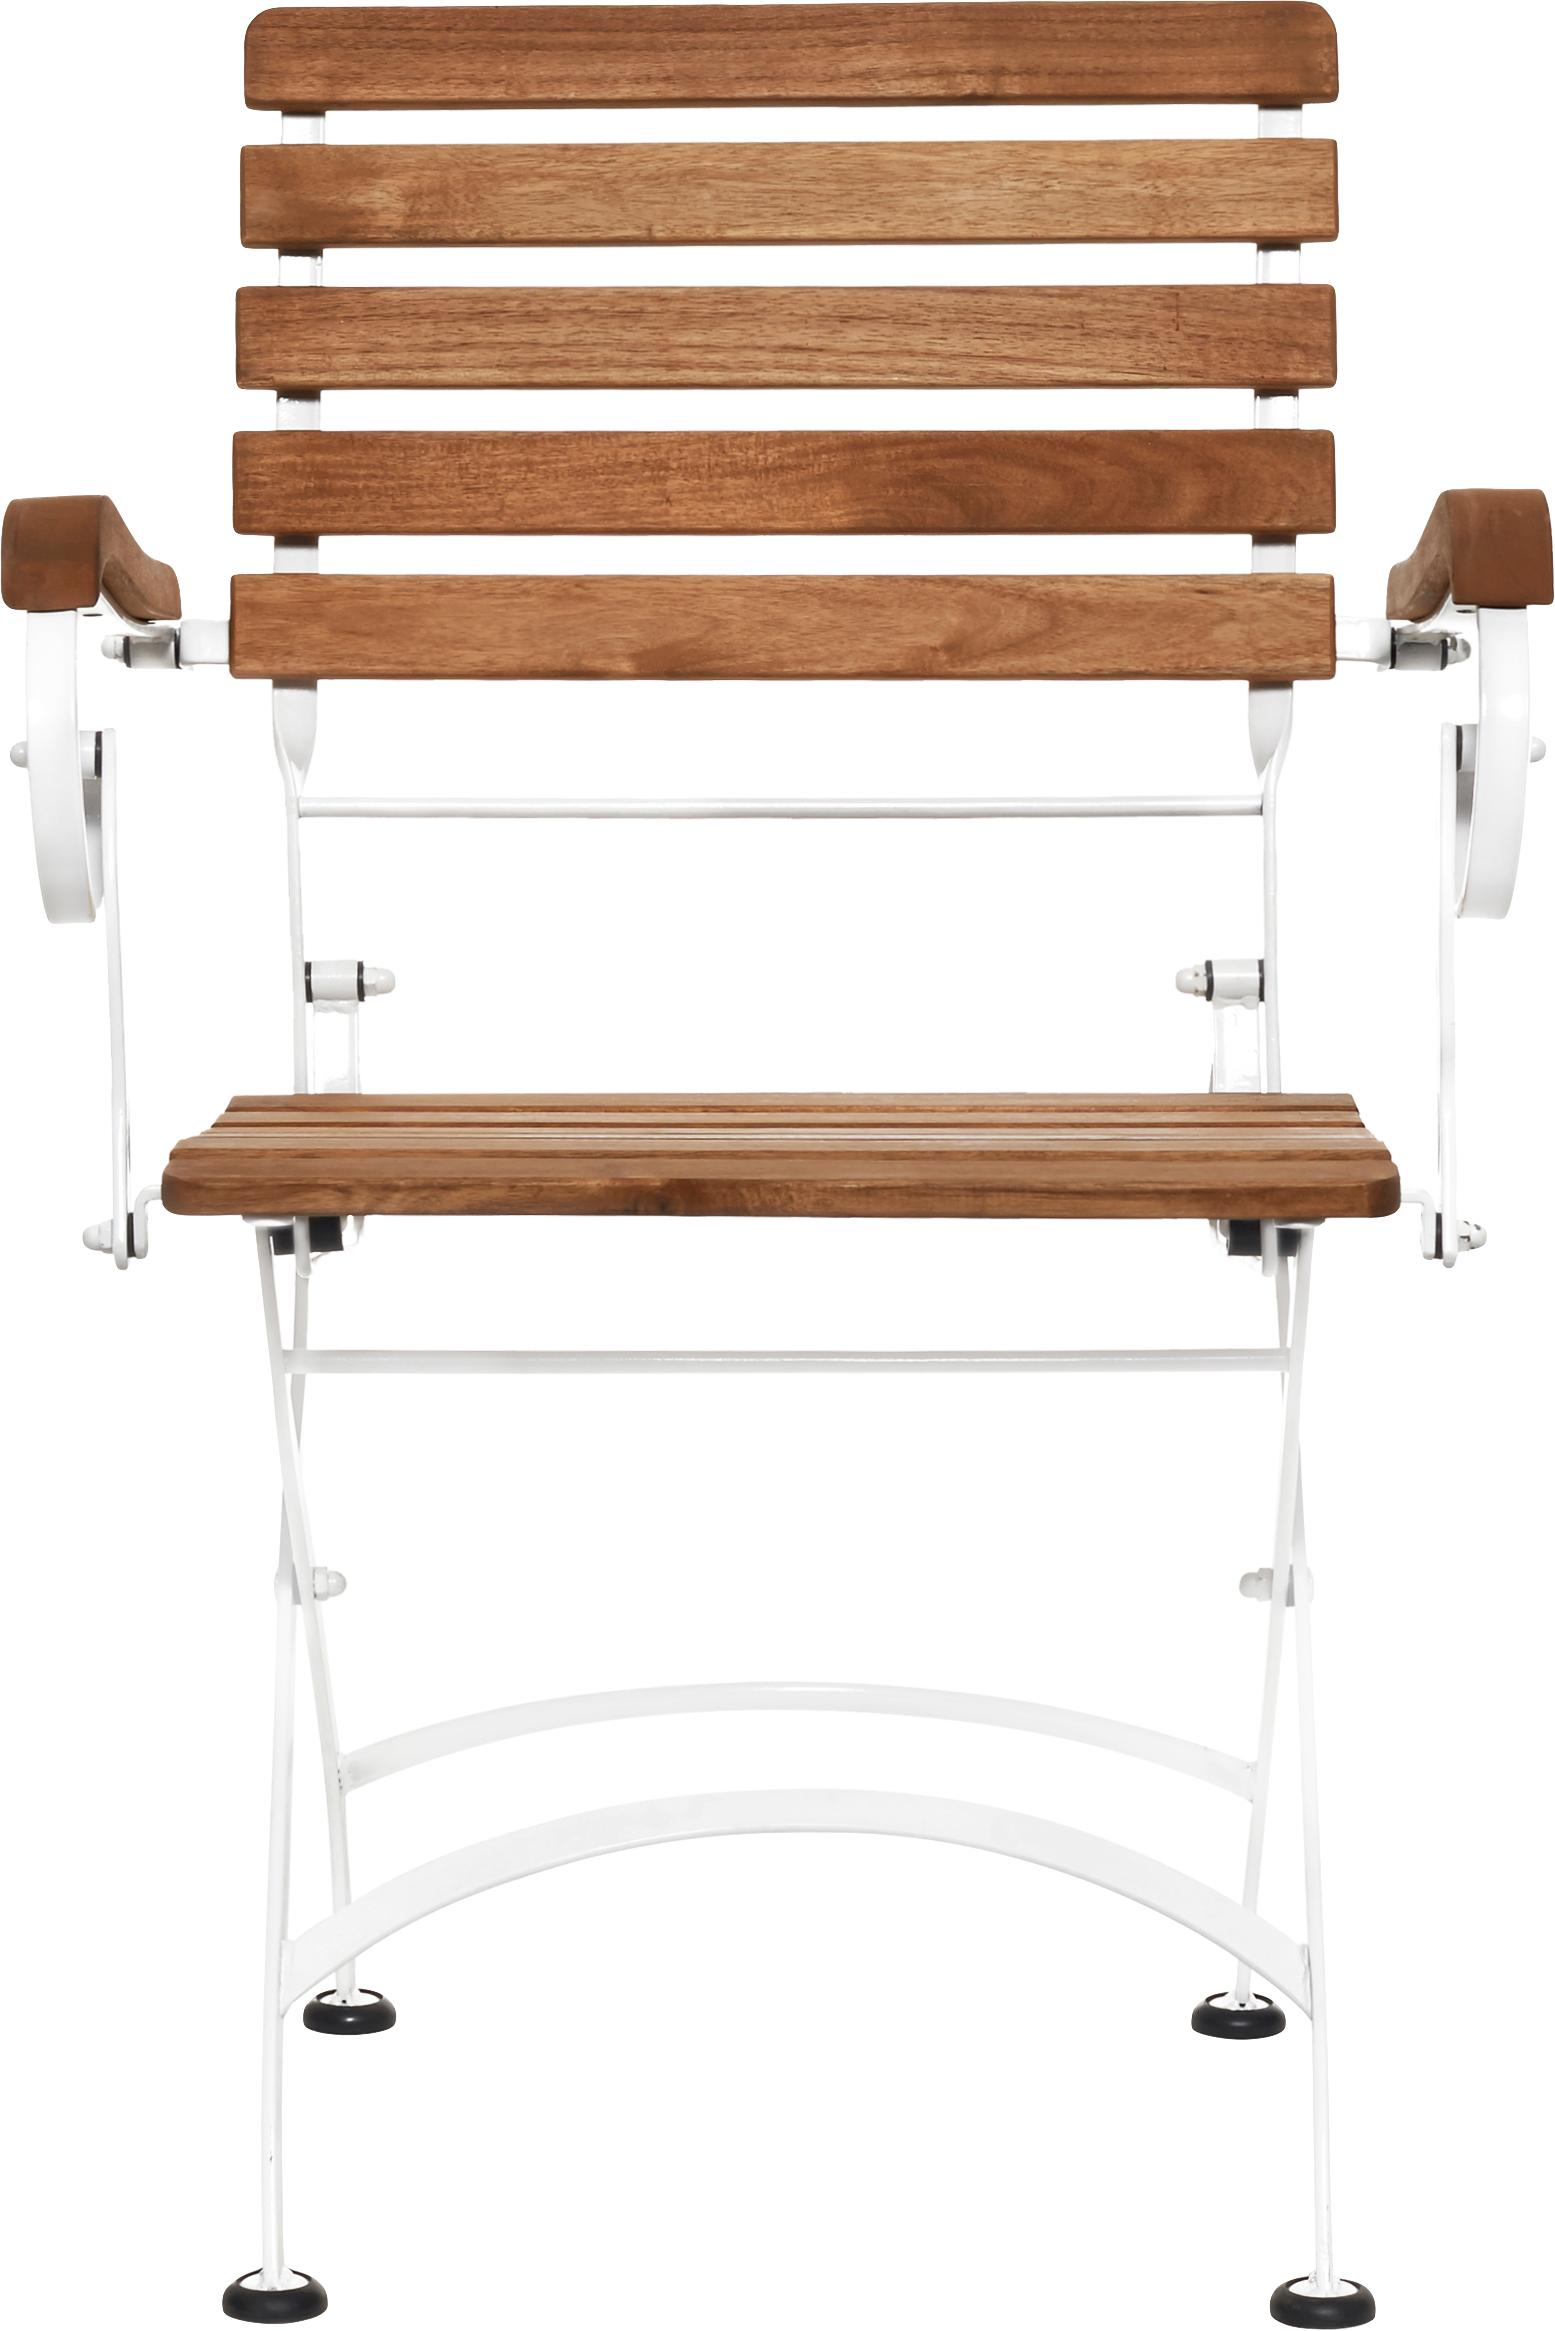 Garten-Klappstühle Parklife mit Armlehnen, 2 Stück, Sitzfläche: Akazienholz, geölt, Gestell: Metall, verzinkt, pulverb, Weiß, Akazienholz, B 59 x T 52 cm